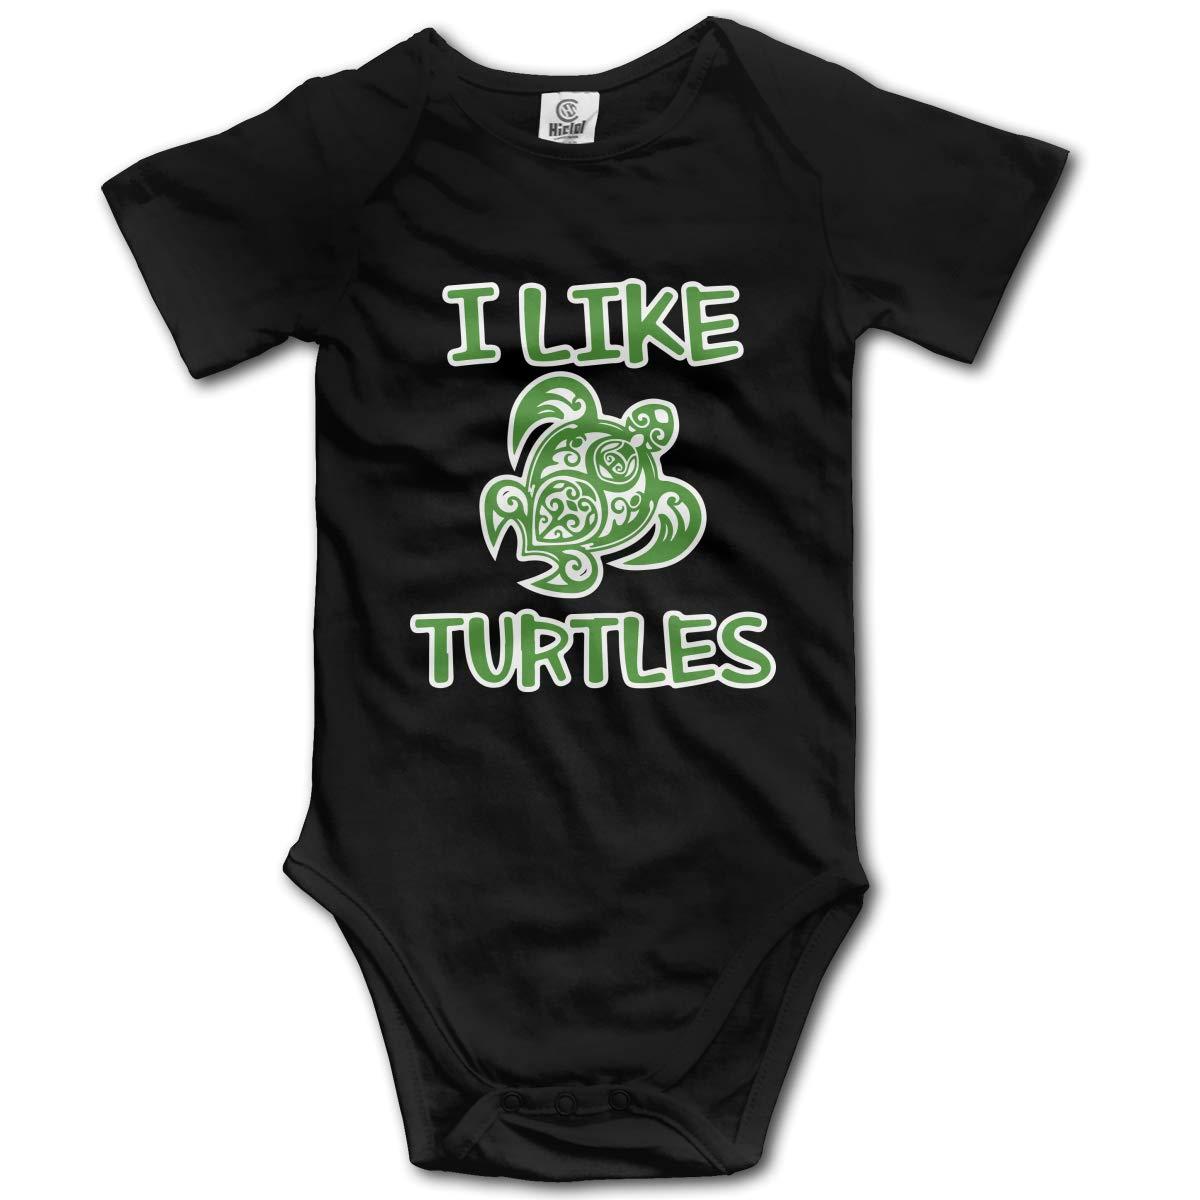 I Like Turtles Unisex Solid Baby Short Sleeve Romper Jumpsuit 0-24M